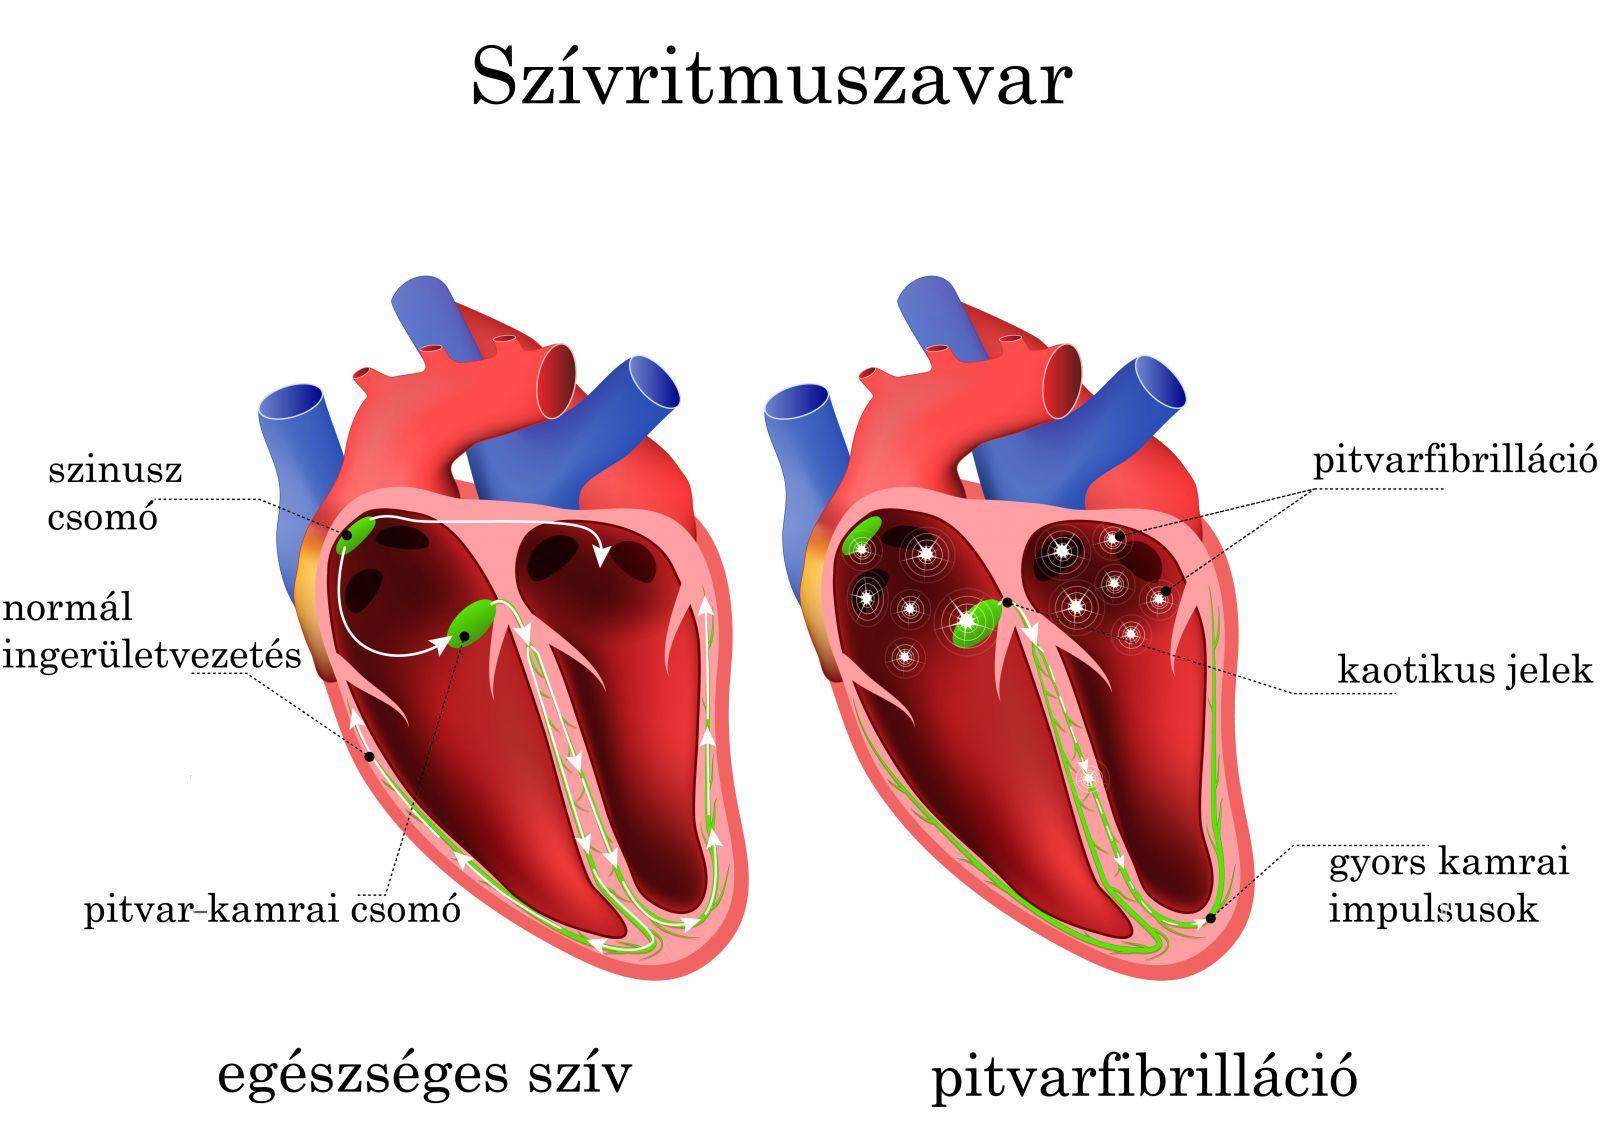 magas vérnyomás népi gyógymódok 100 százalék magas vérnyomás vizsgálat kardiológus által